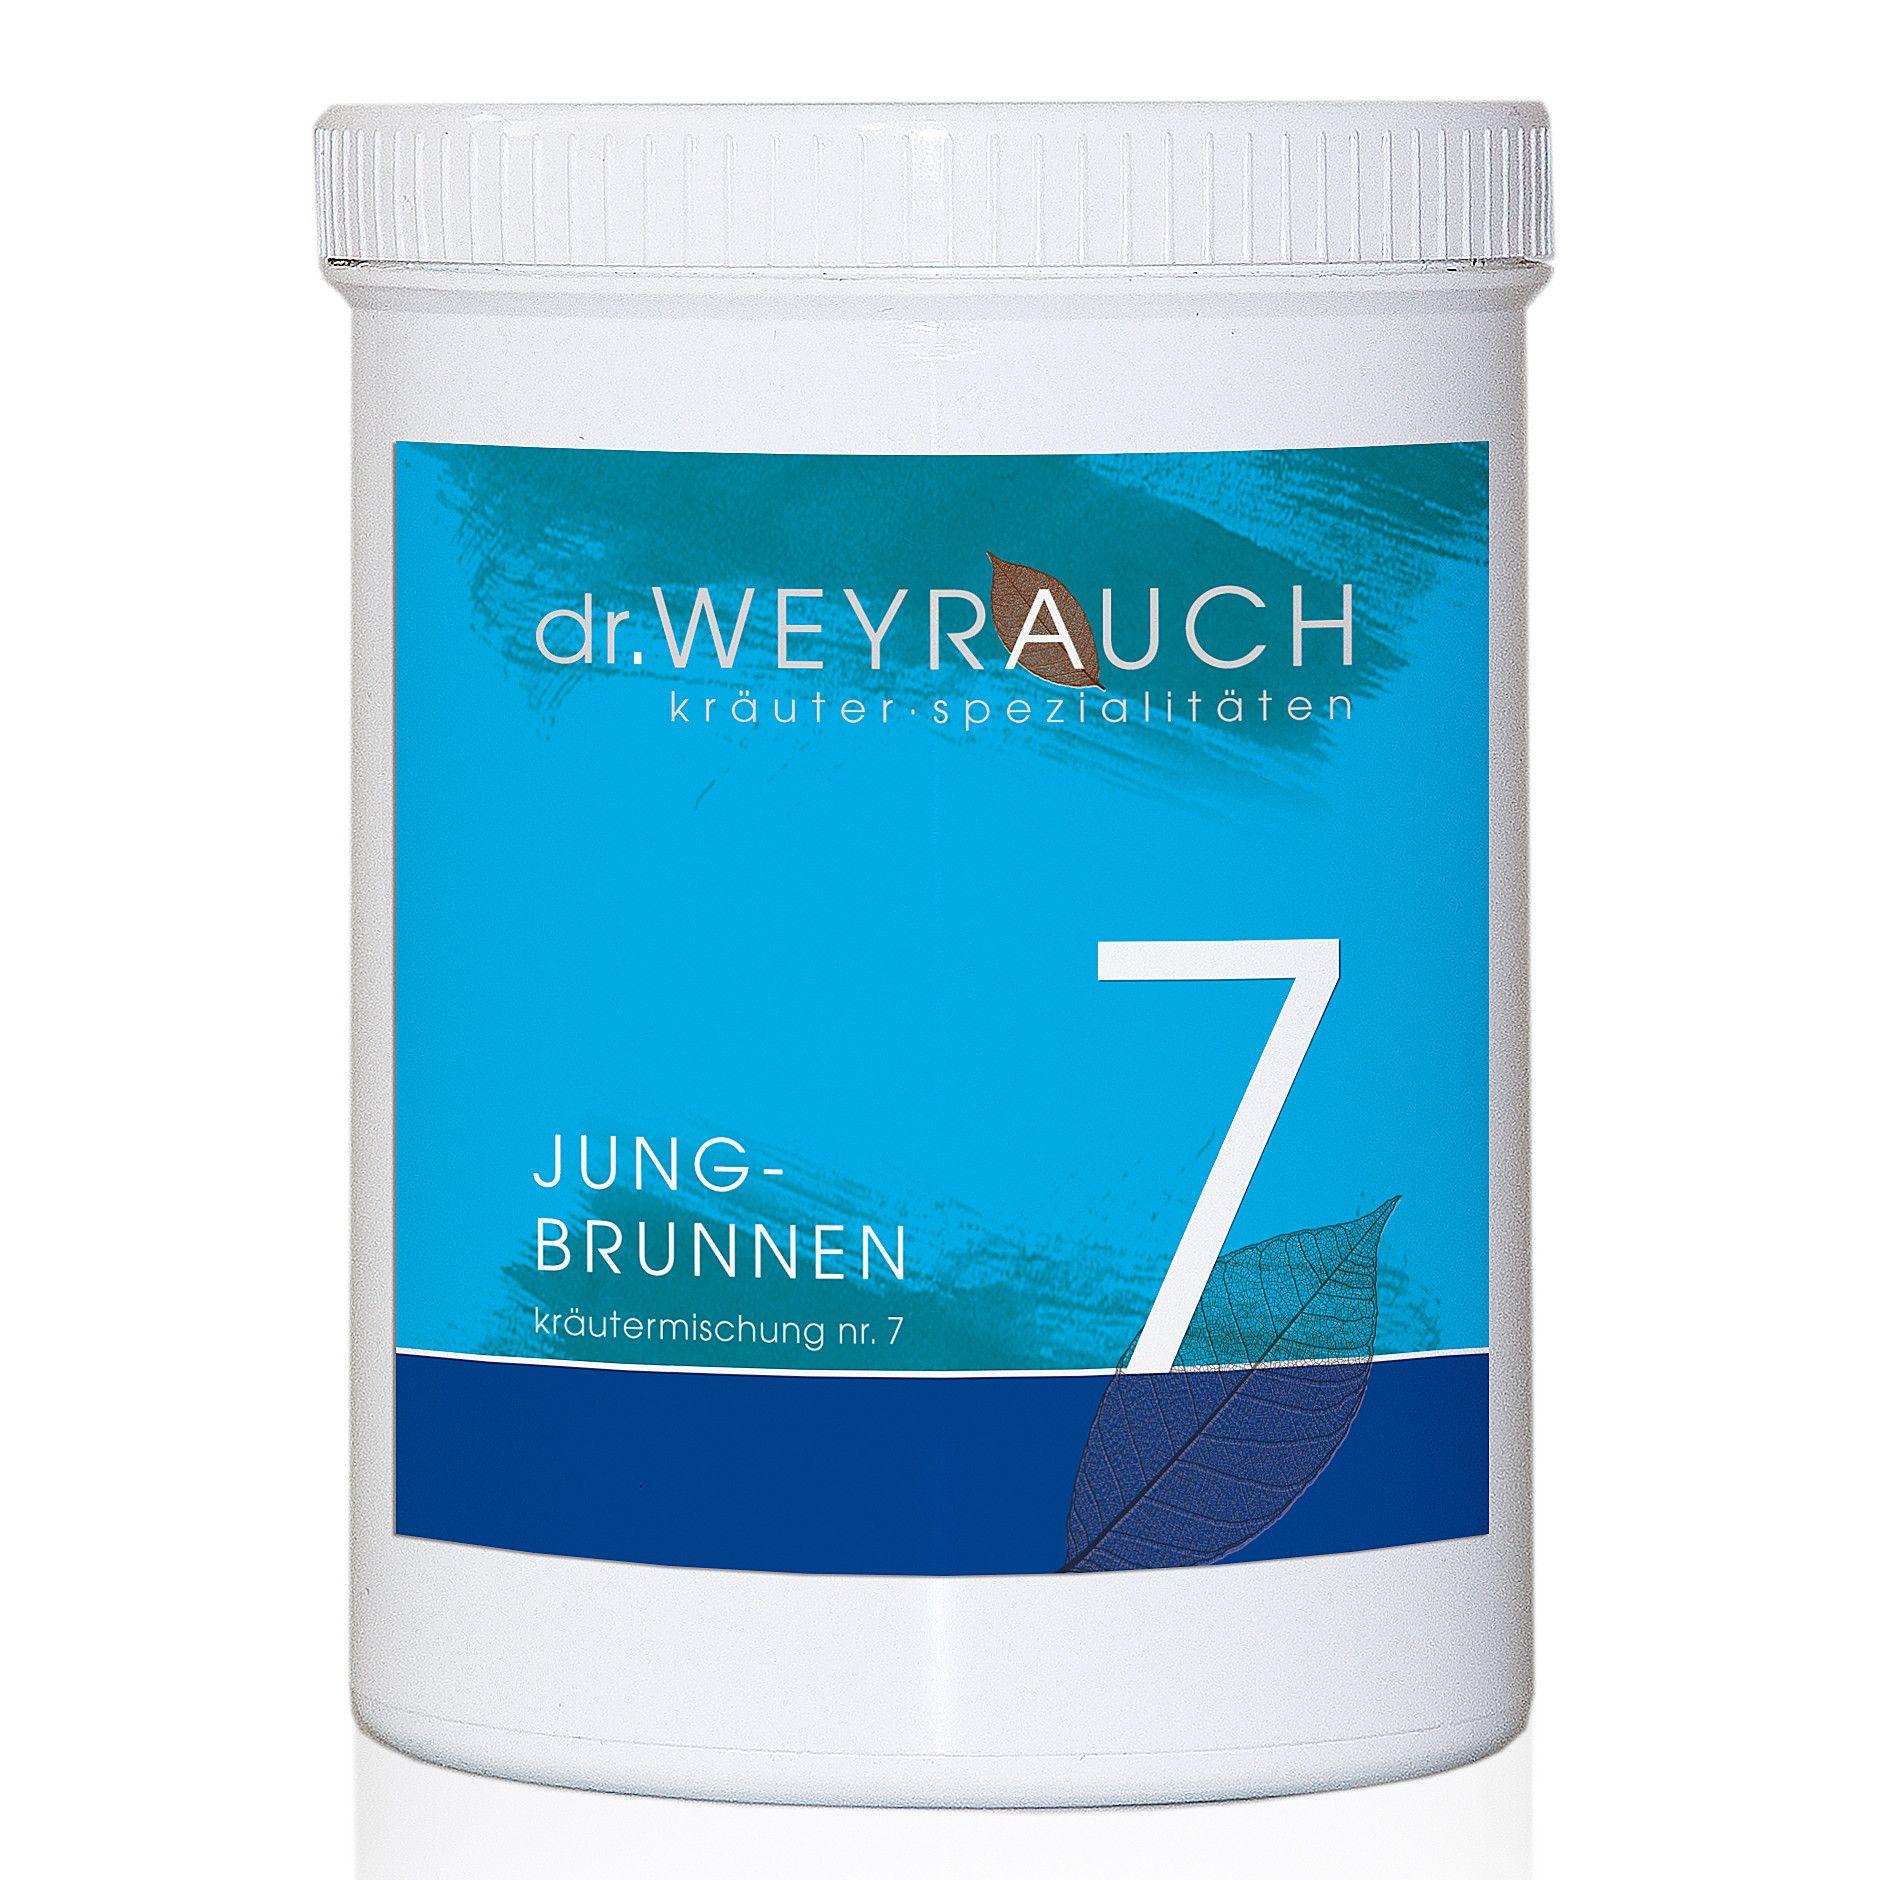 Dr. Weyrauch Nr. 7 Jungbrunnen